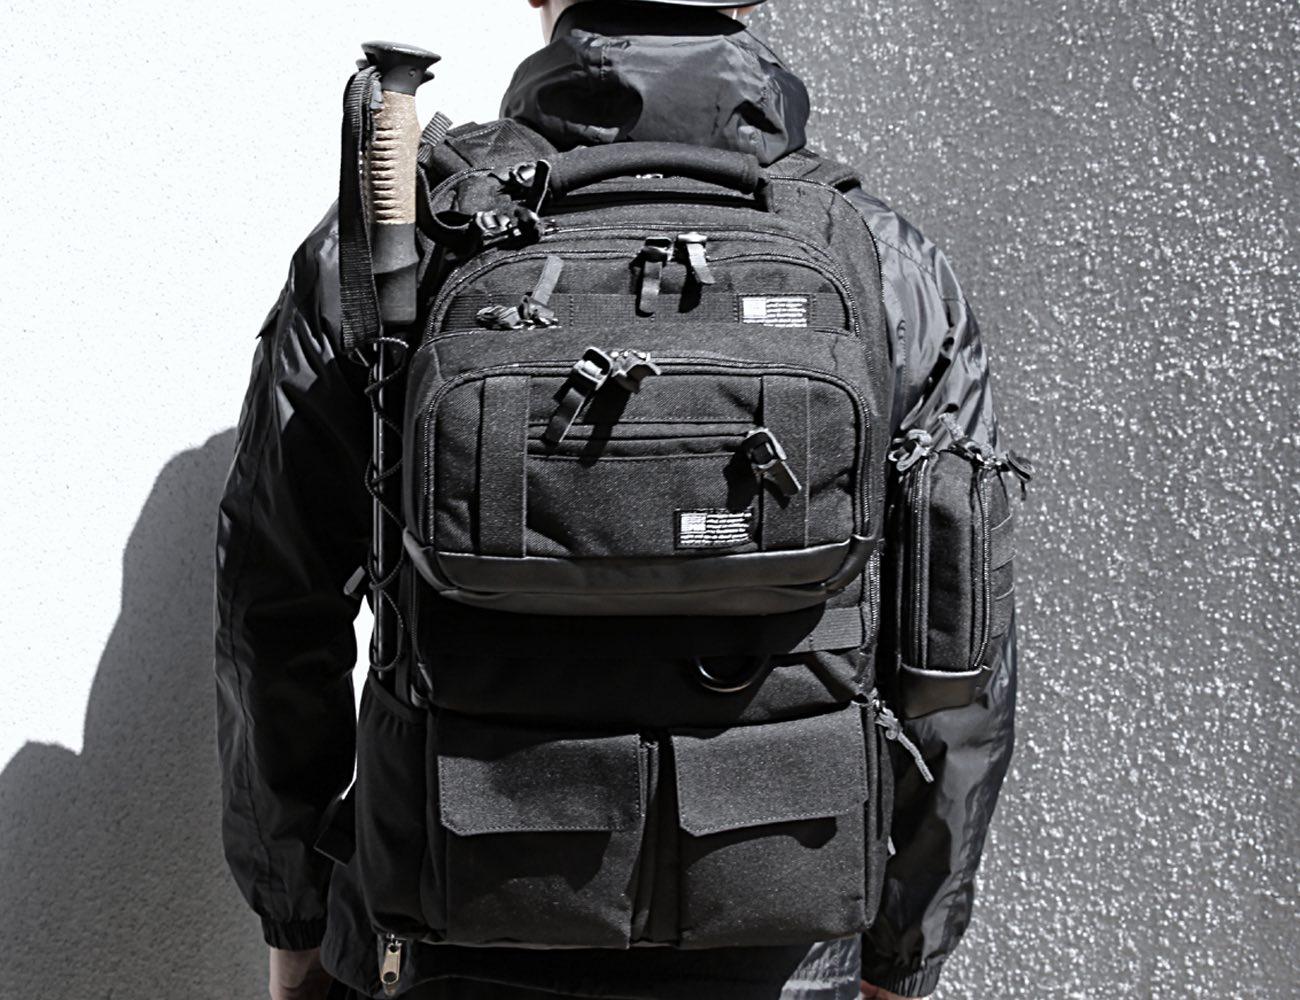 Eshena Tactical City Pack 187 Gadget Flow